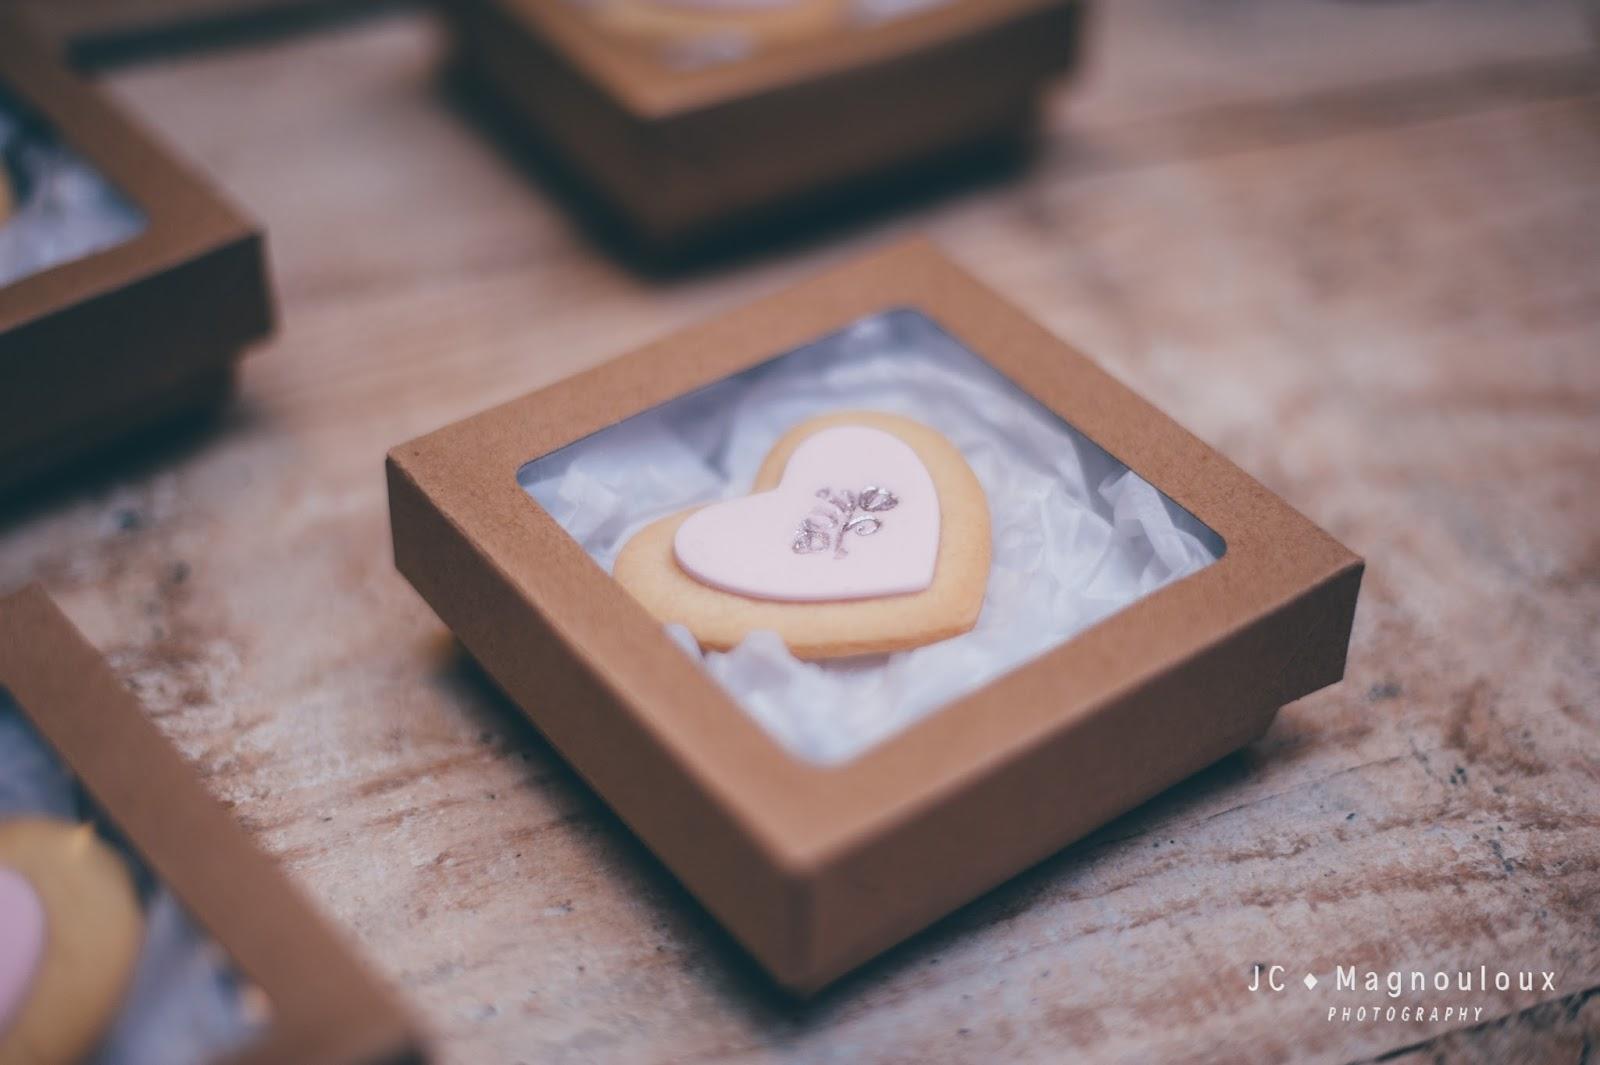 Photographe mariage Lyon Roanne loft 4.40 X-PRO2